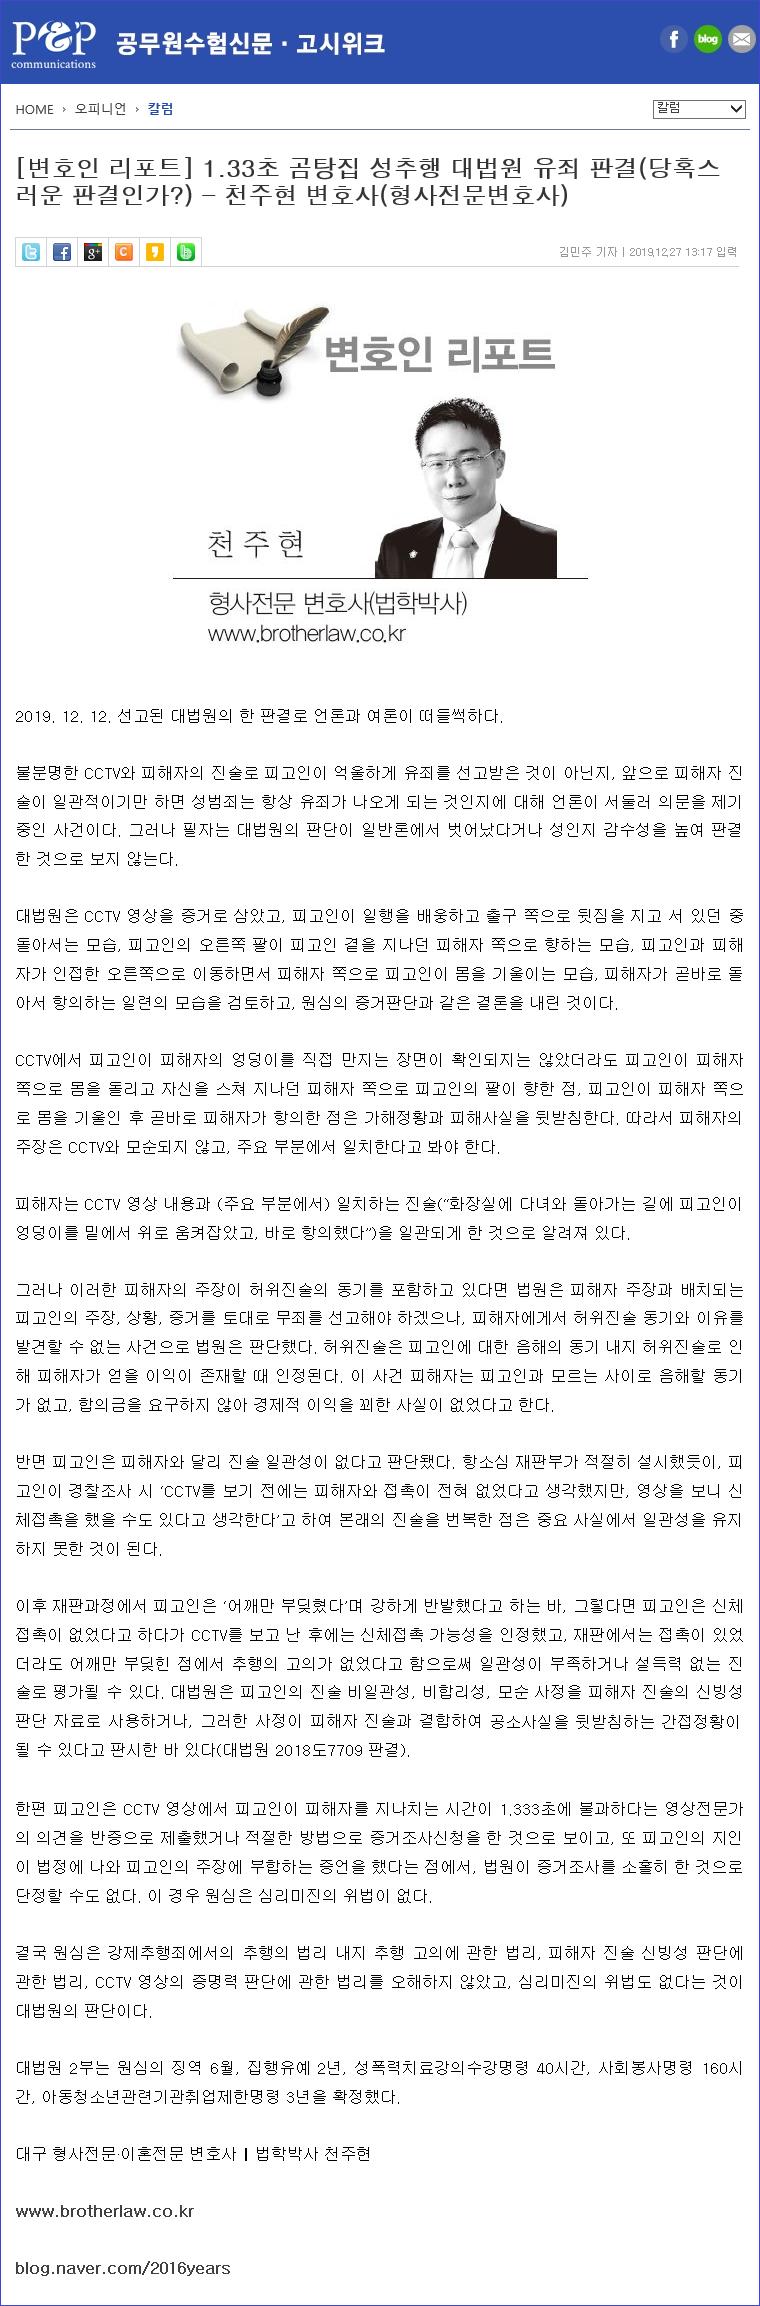 191227-변호인 리포트(1.33초 곰탕집 성추행 대법원 유죄 판결)-블로그용.png